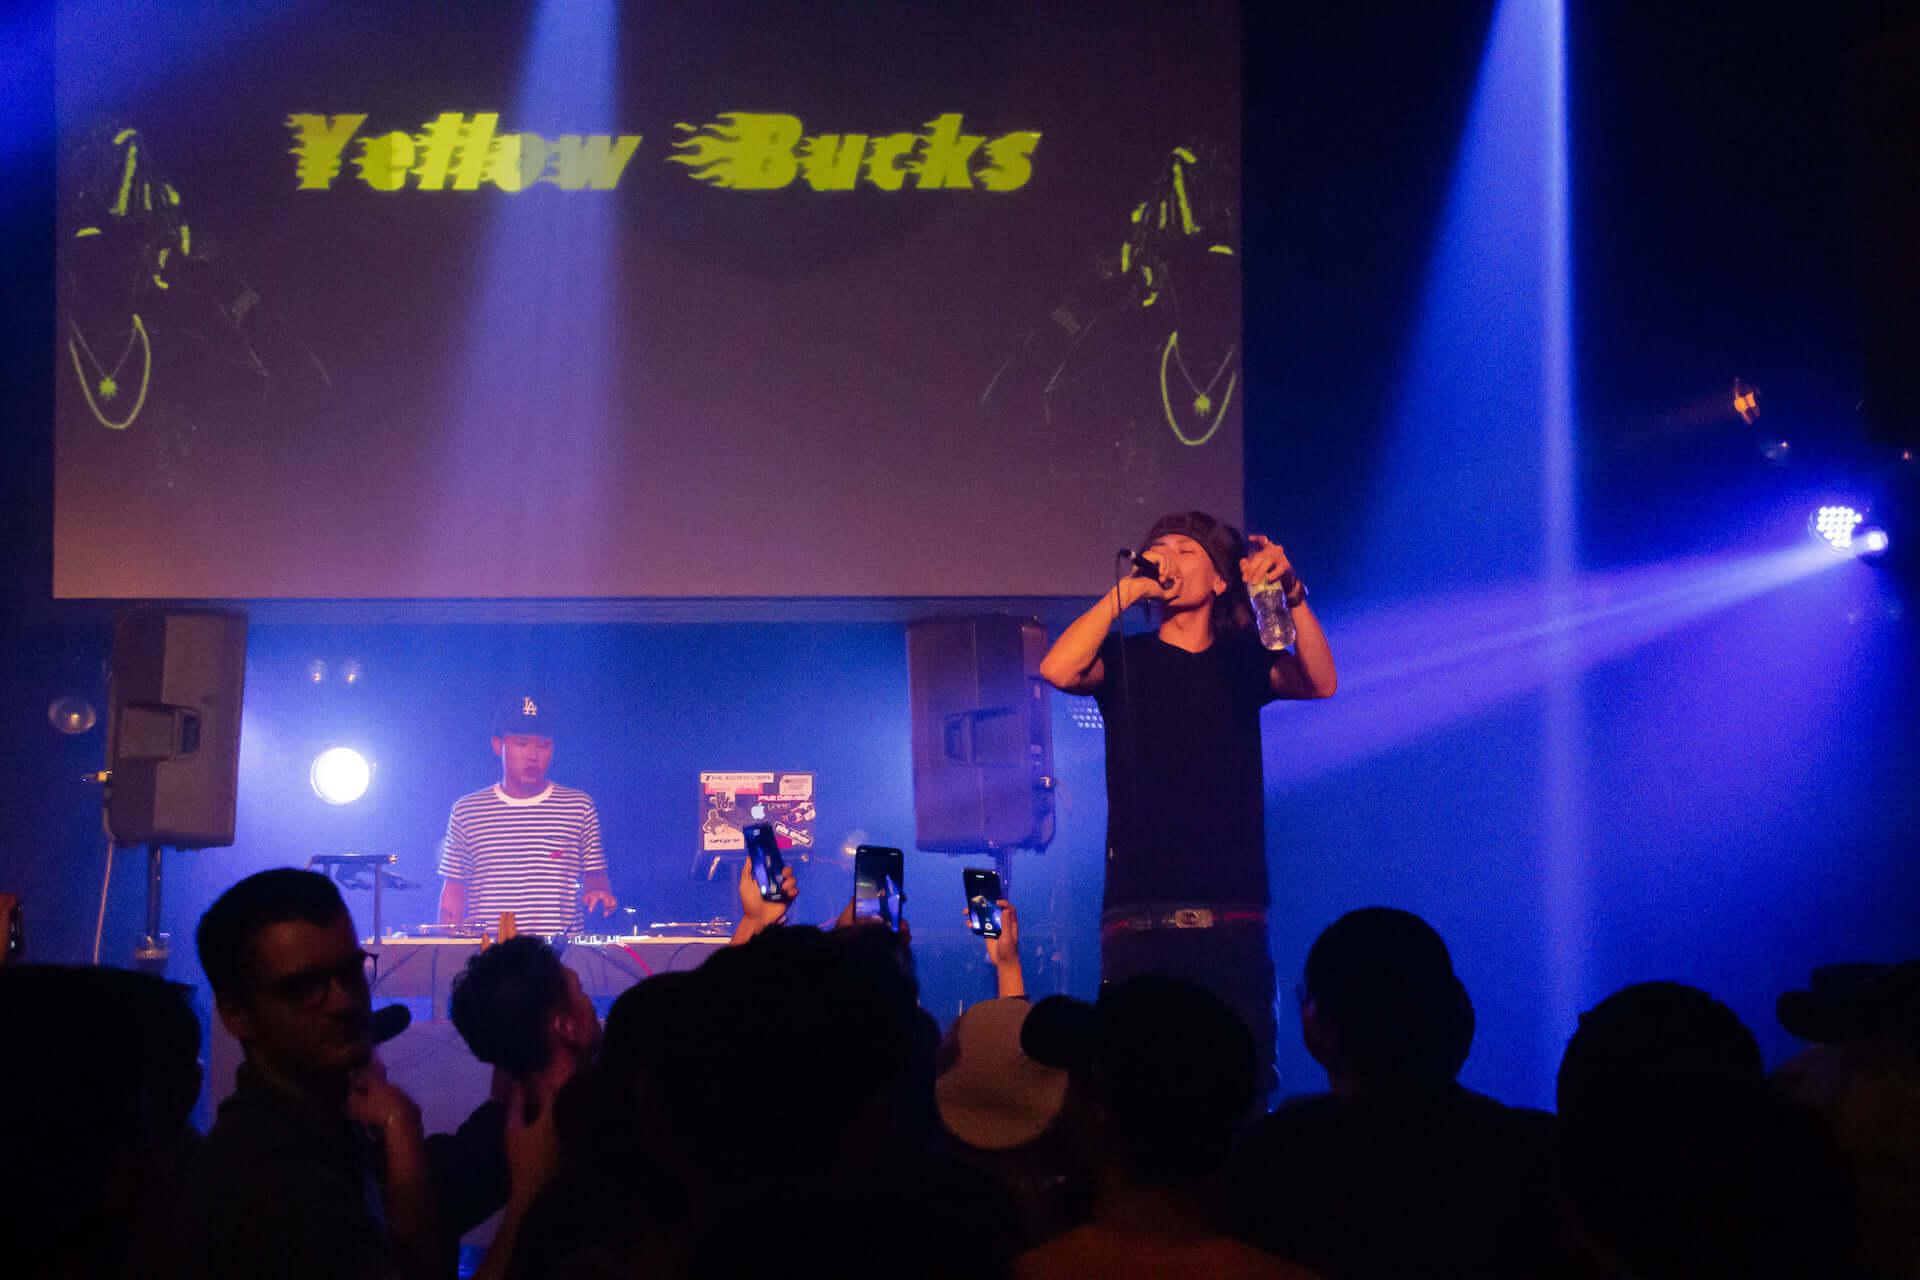 【レポート】BUPPON&¥ellow Bucksダブルリリースパーティー<Bla9 Marke2>で見えたヒップホップ・シーンの胎動 music190805_bla9marke2_7.jpg-1920x1280